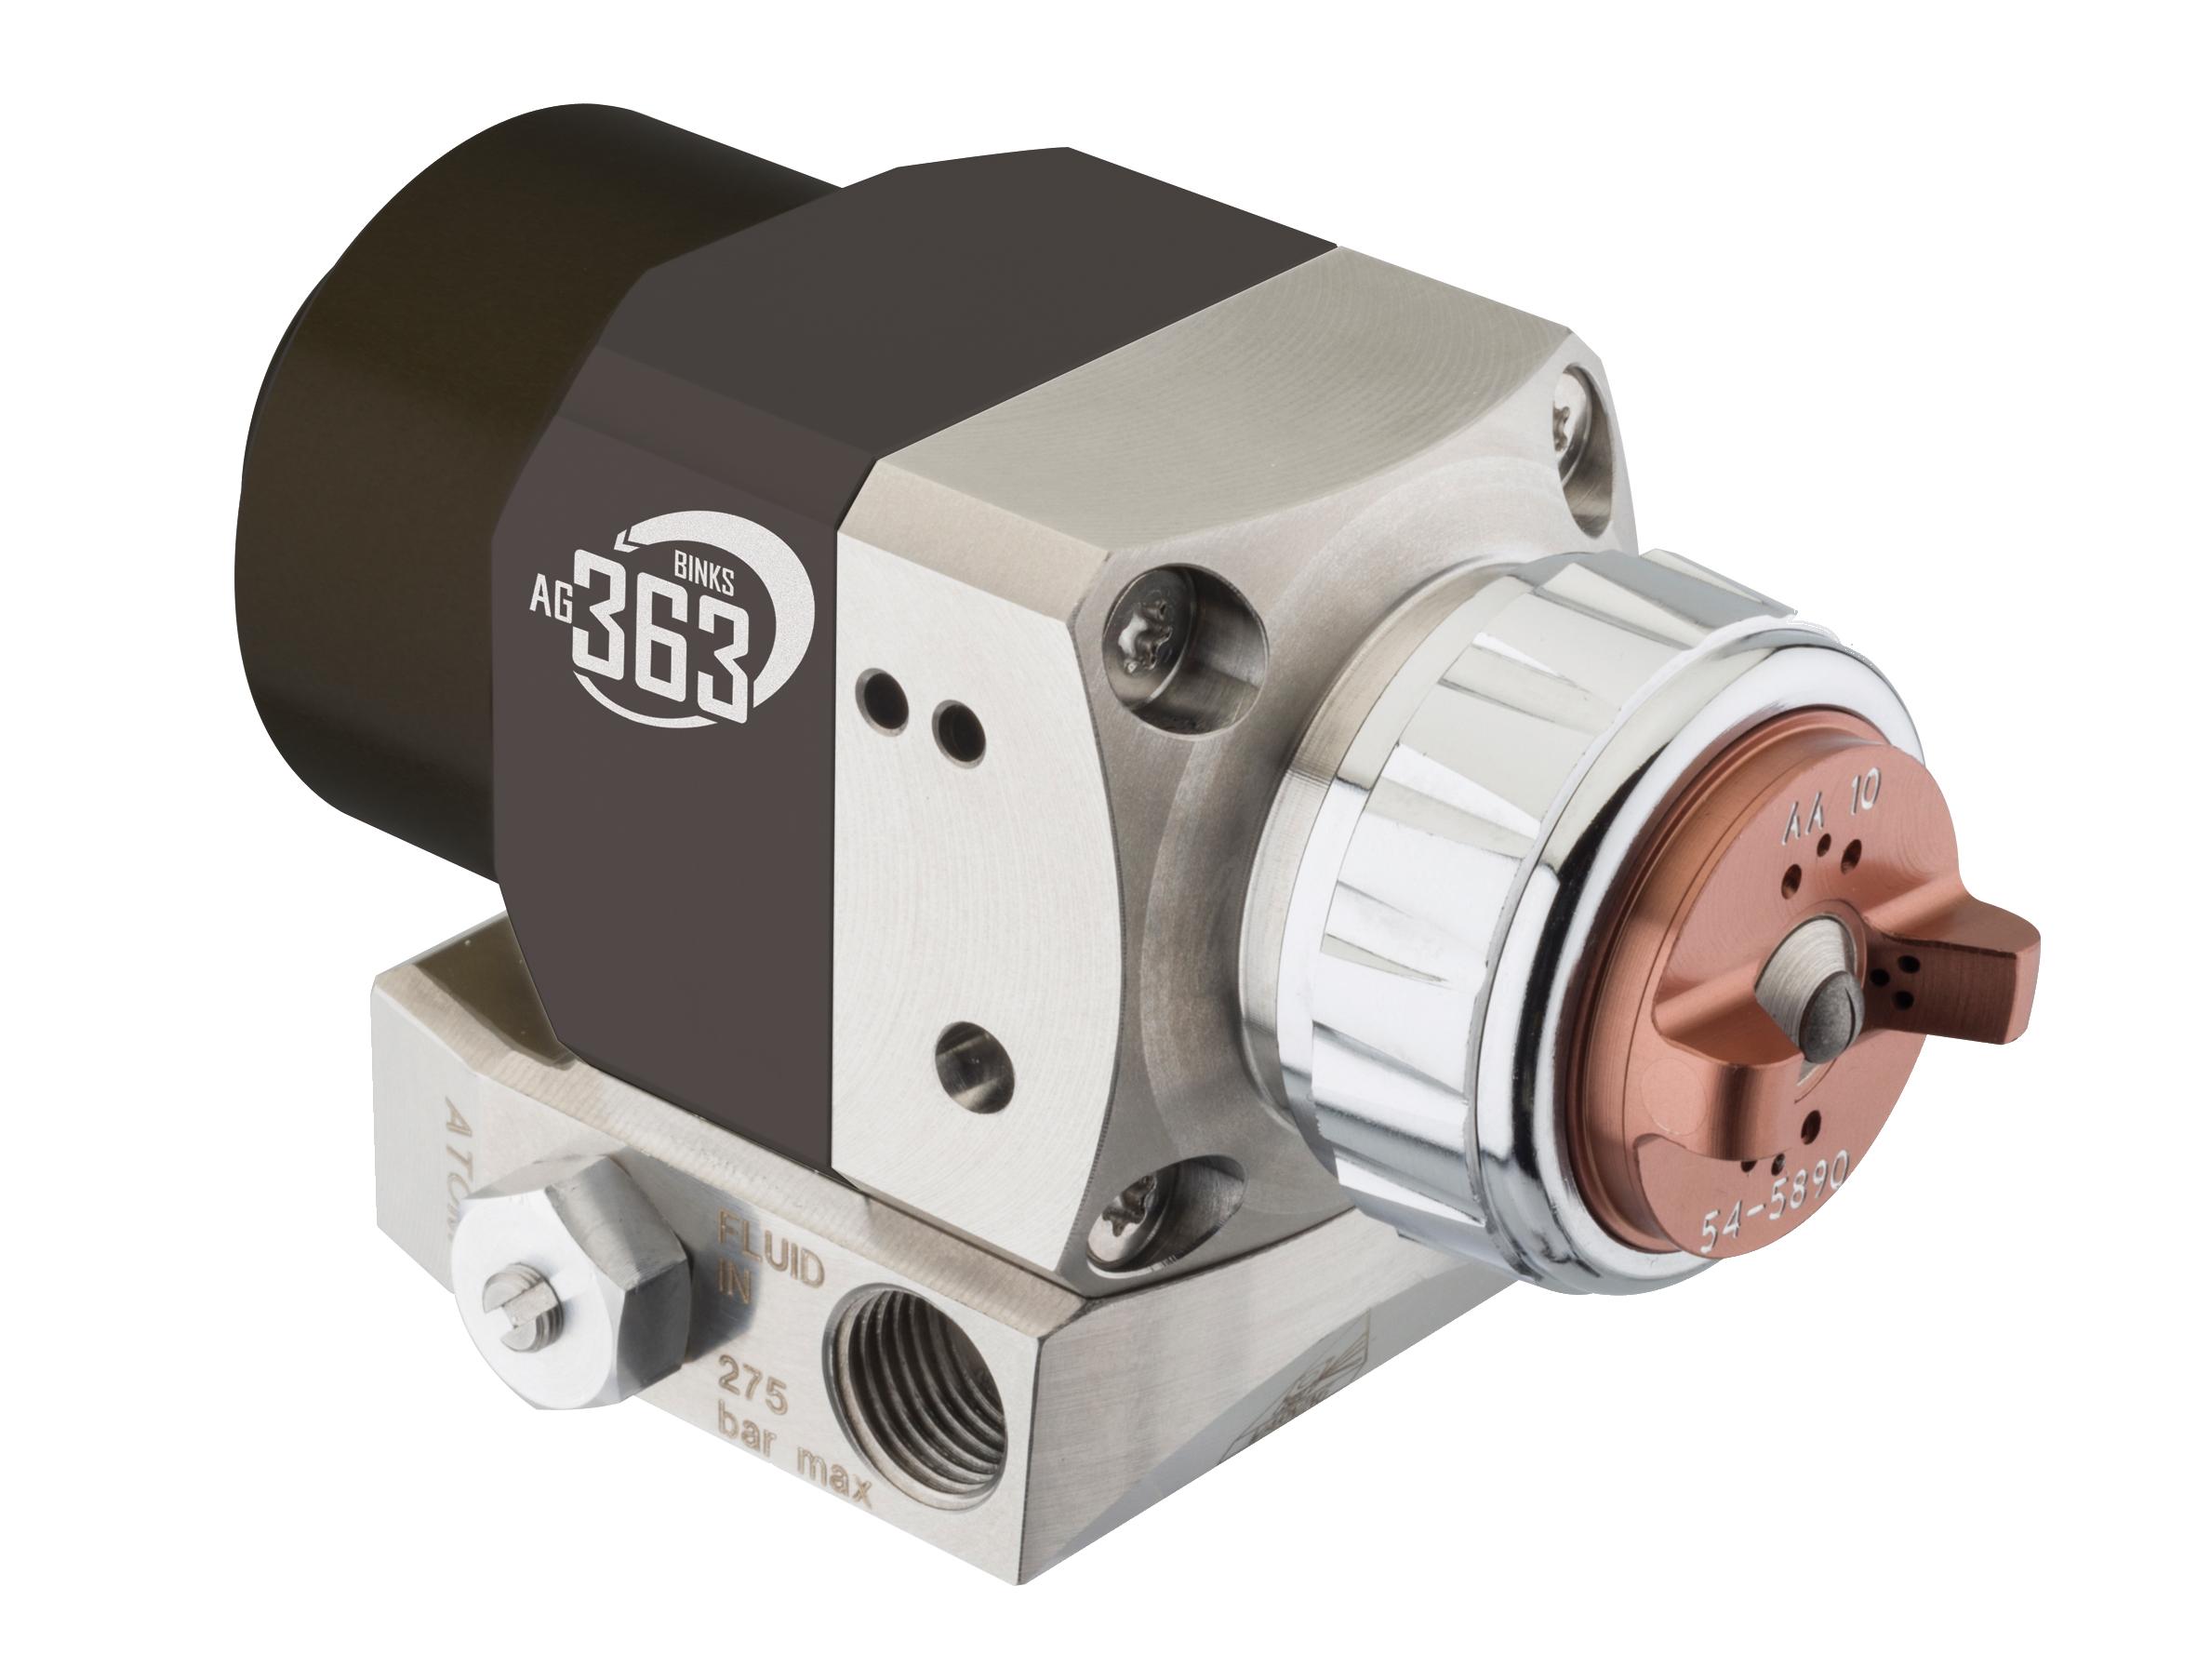 Pistolets de pulvérisation haute pression automatique Binks Airless Air Assistée AG 363 TAPLEX